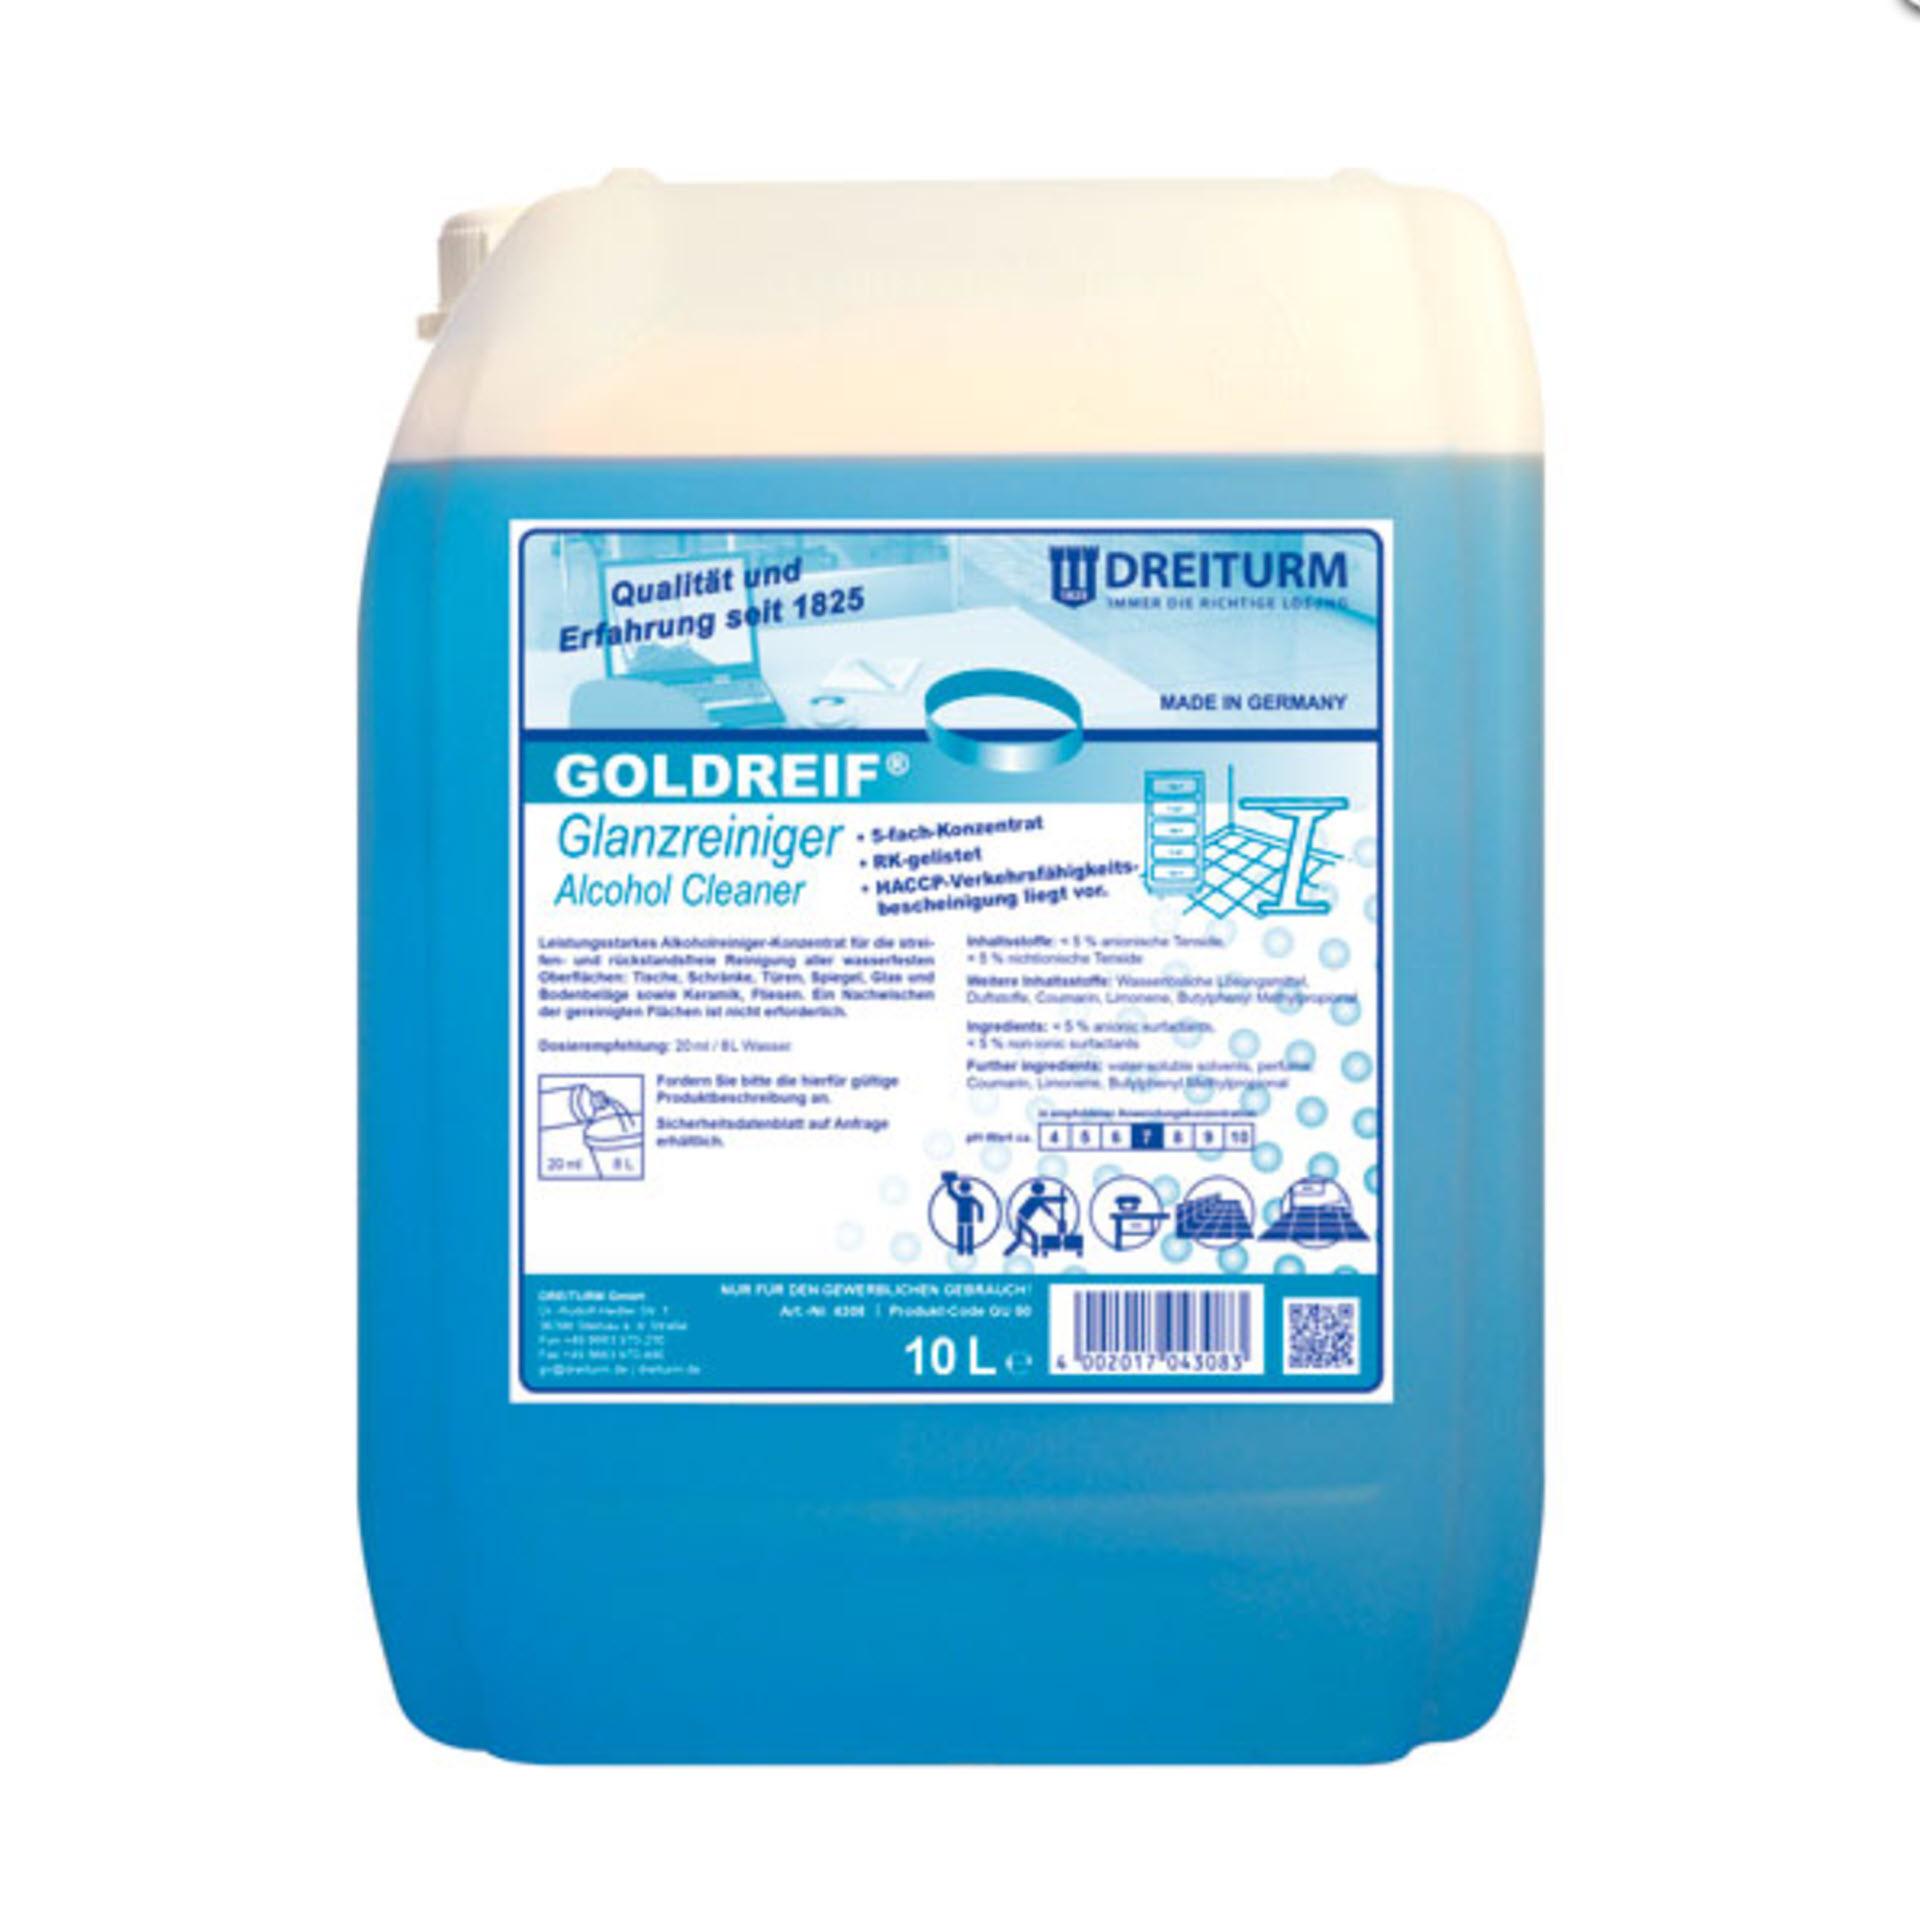 Dreiturm GOLDREIF® Glanzreiniger / Alkoholreiniger  - 5-fach Konzentrat - 10 Liter Kanister